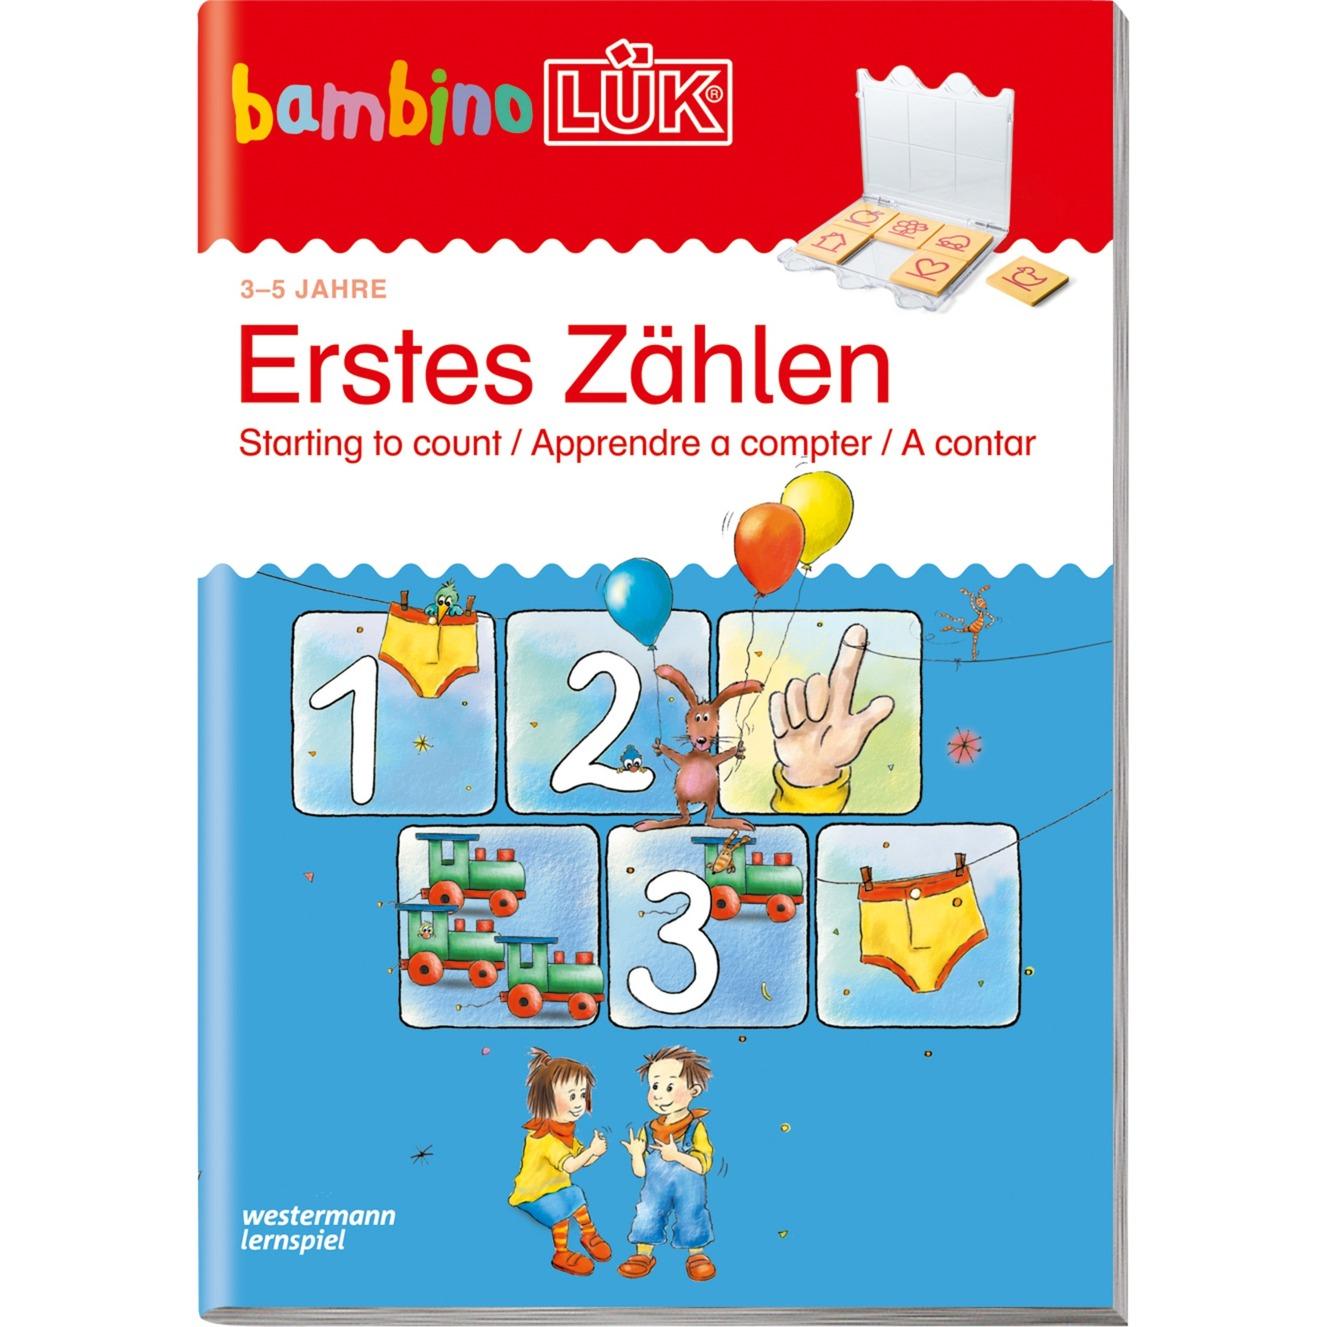 Erstes Zählen livre pour enfants, Manuel